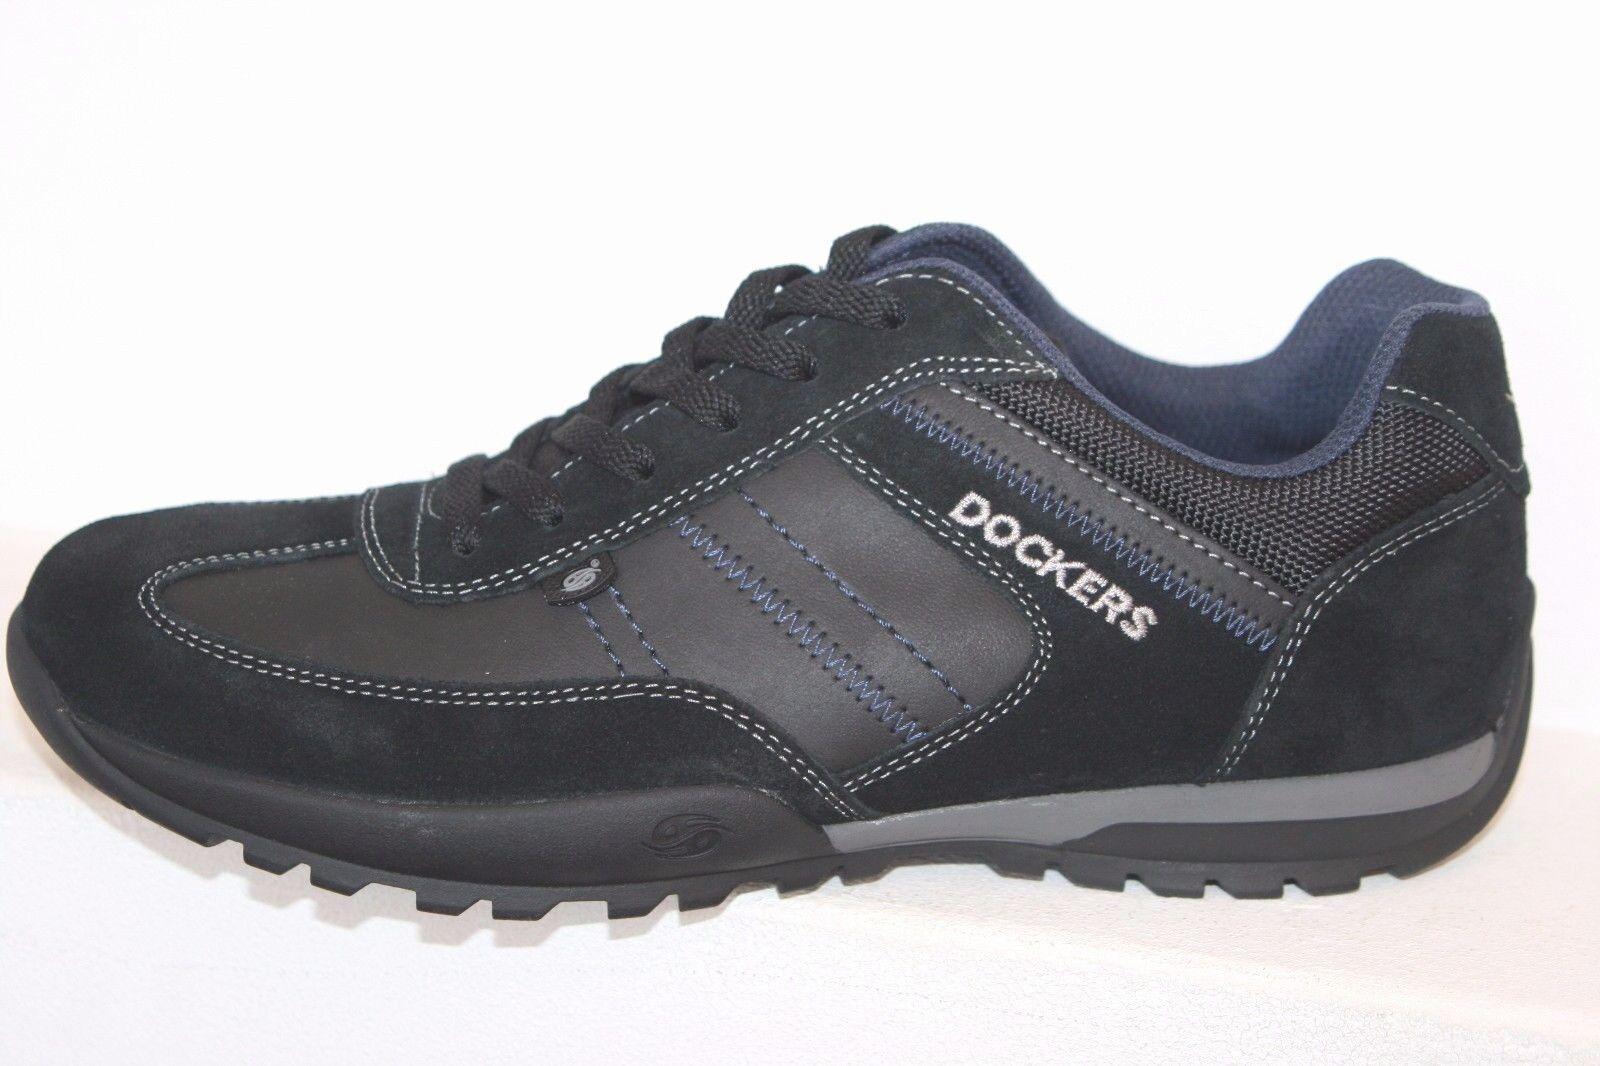 Dockers Scarpe Uomo Scarpe basse con lacci scarpe casual nero vero cuoio